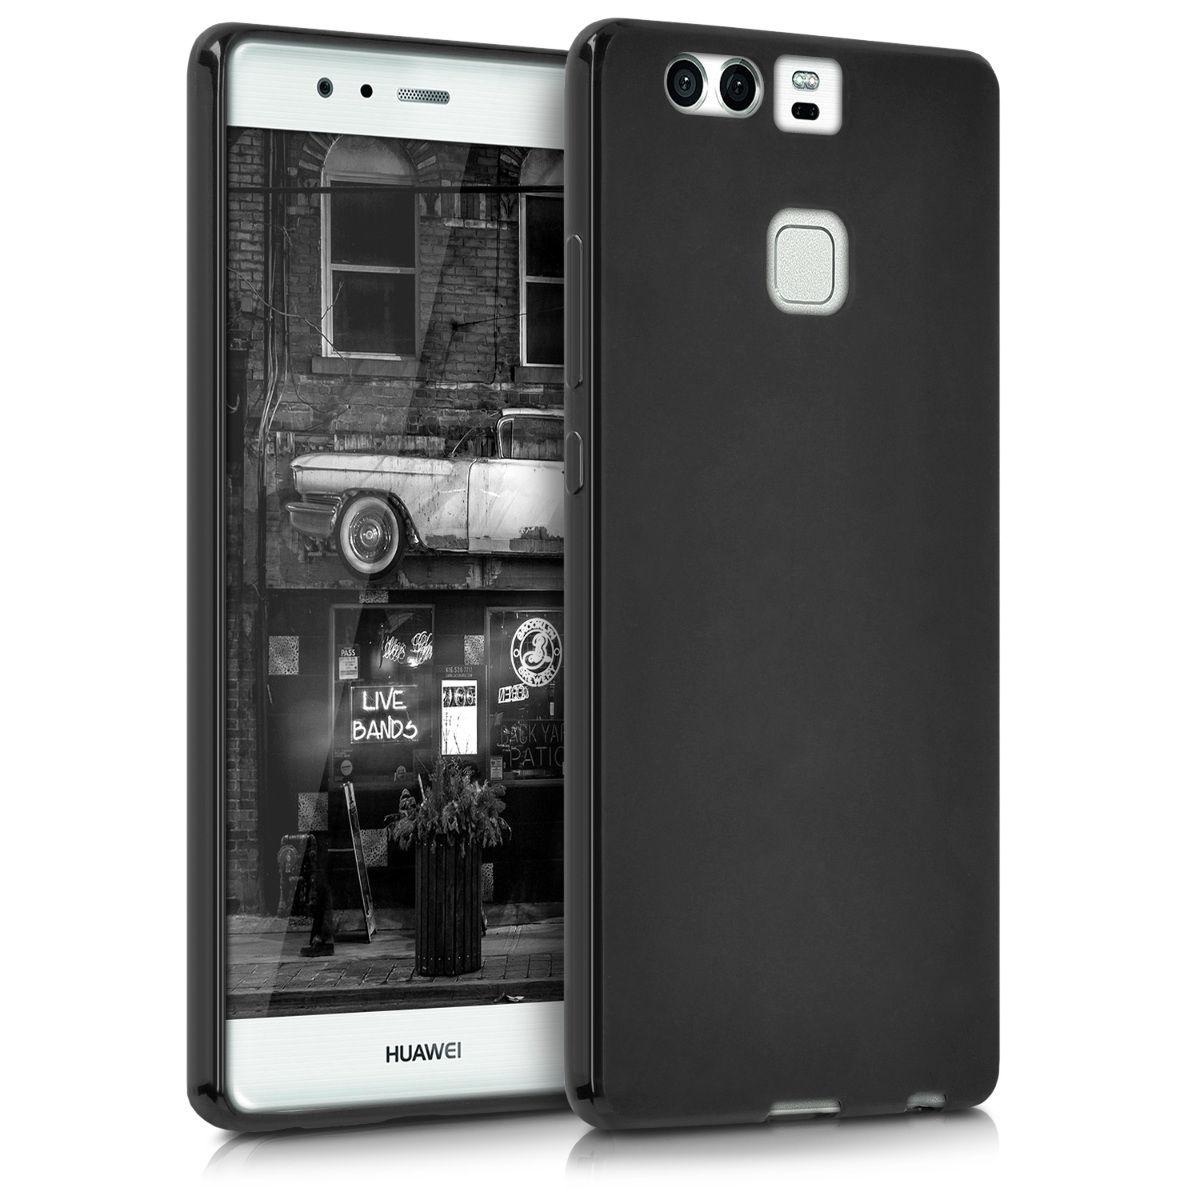 Pouzdro GEL pro Huawei P9 černé